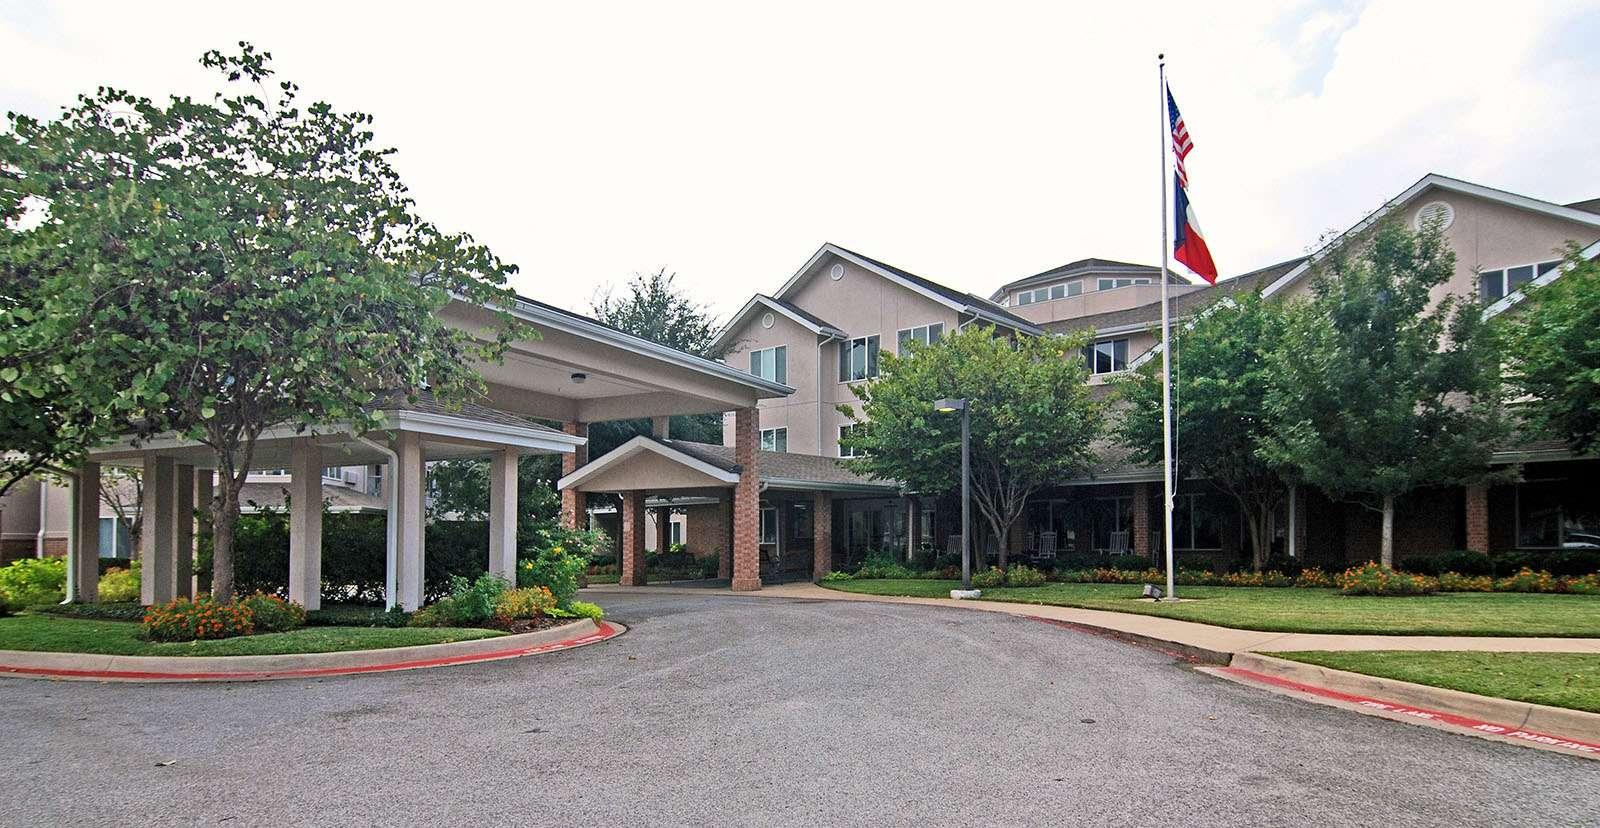 Whiterock Court image 8